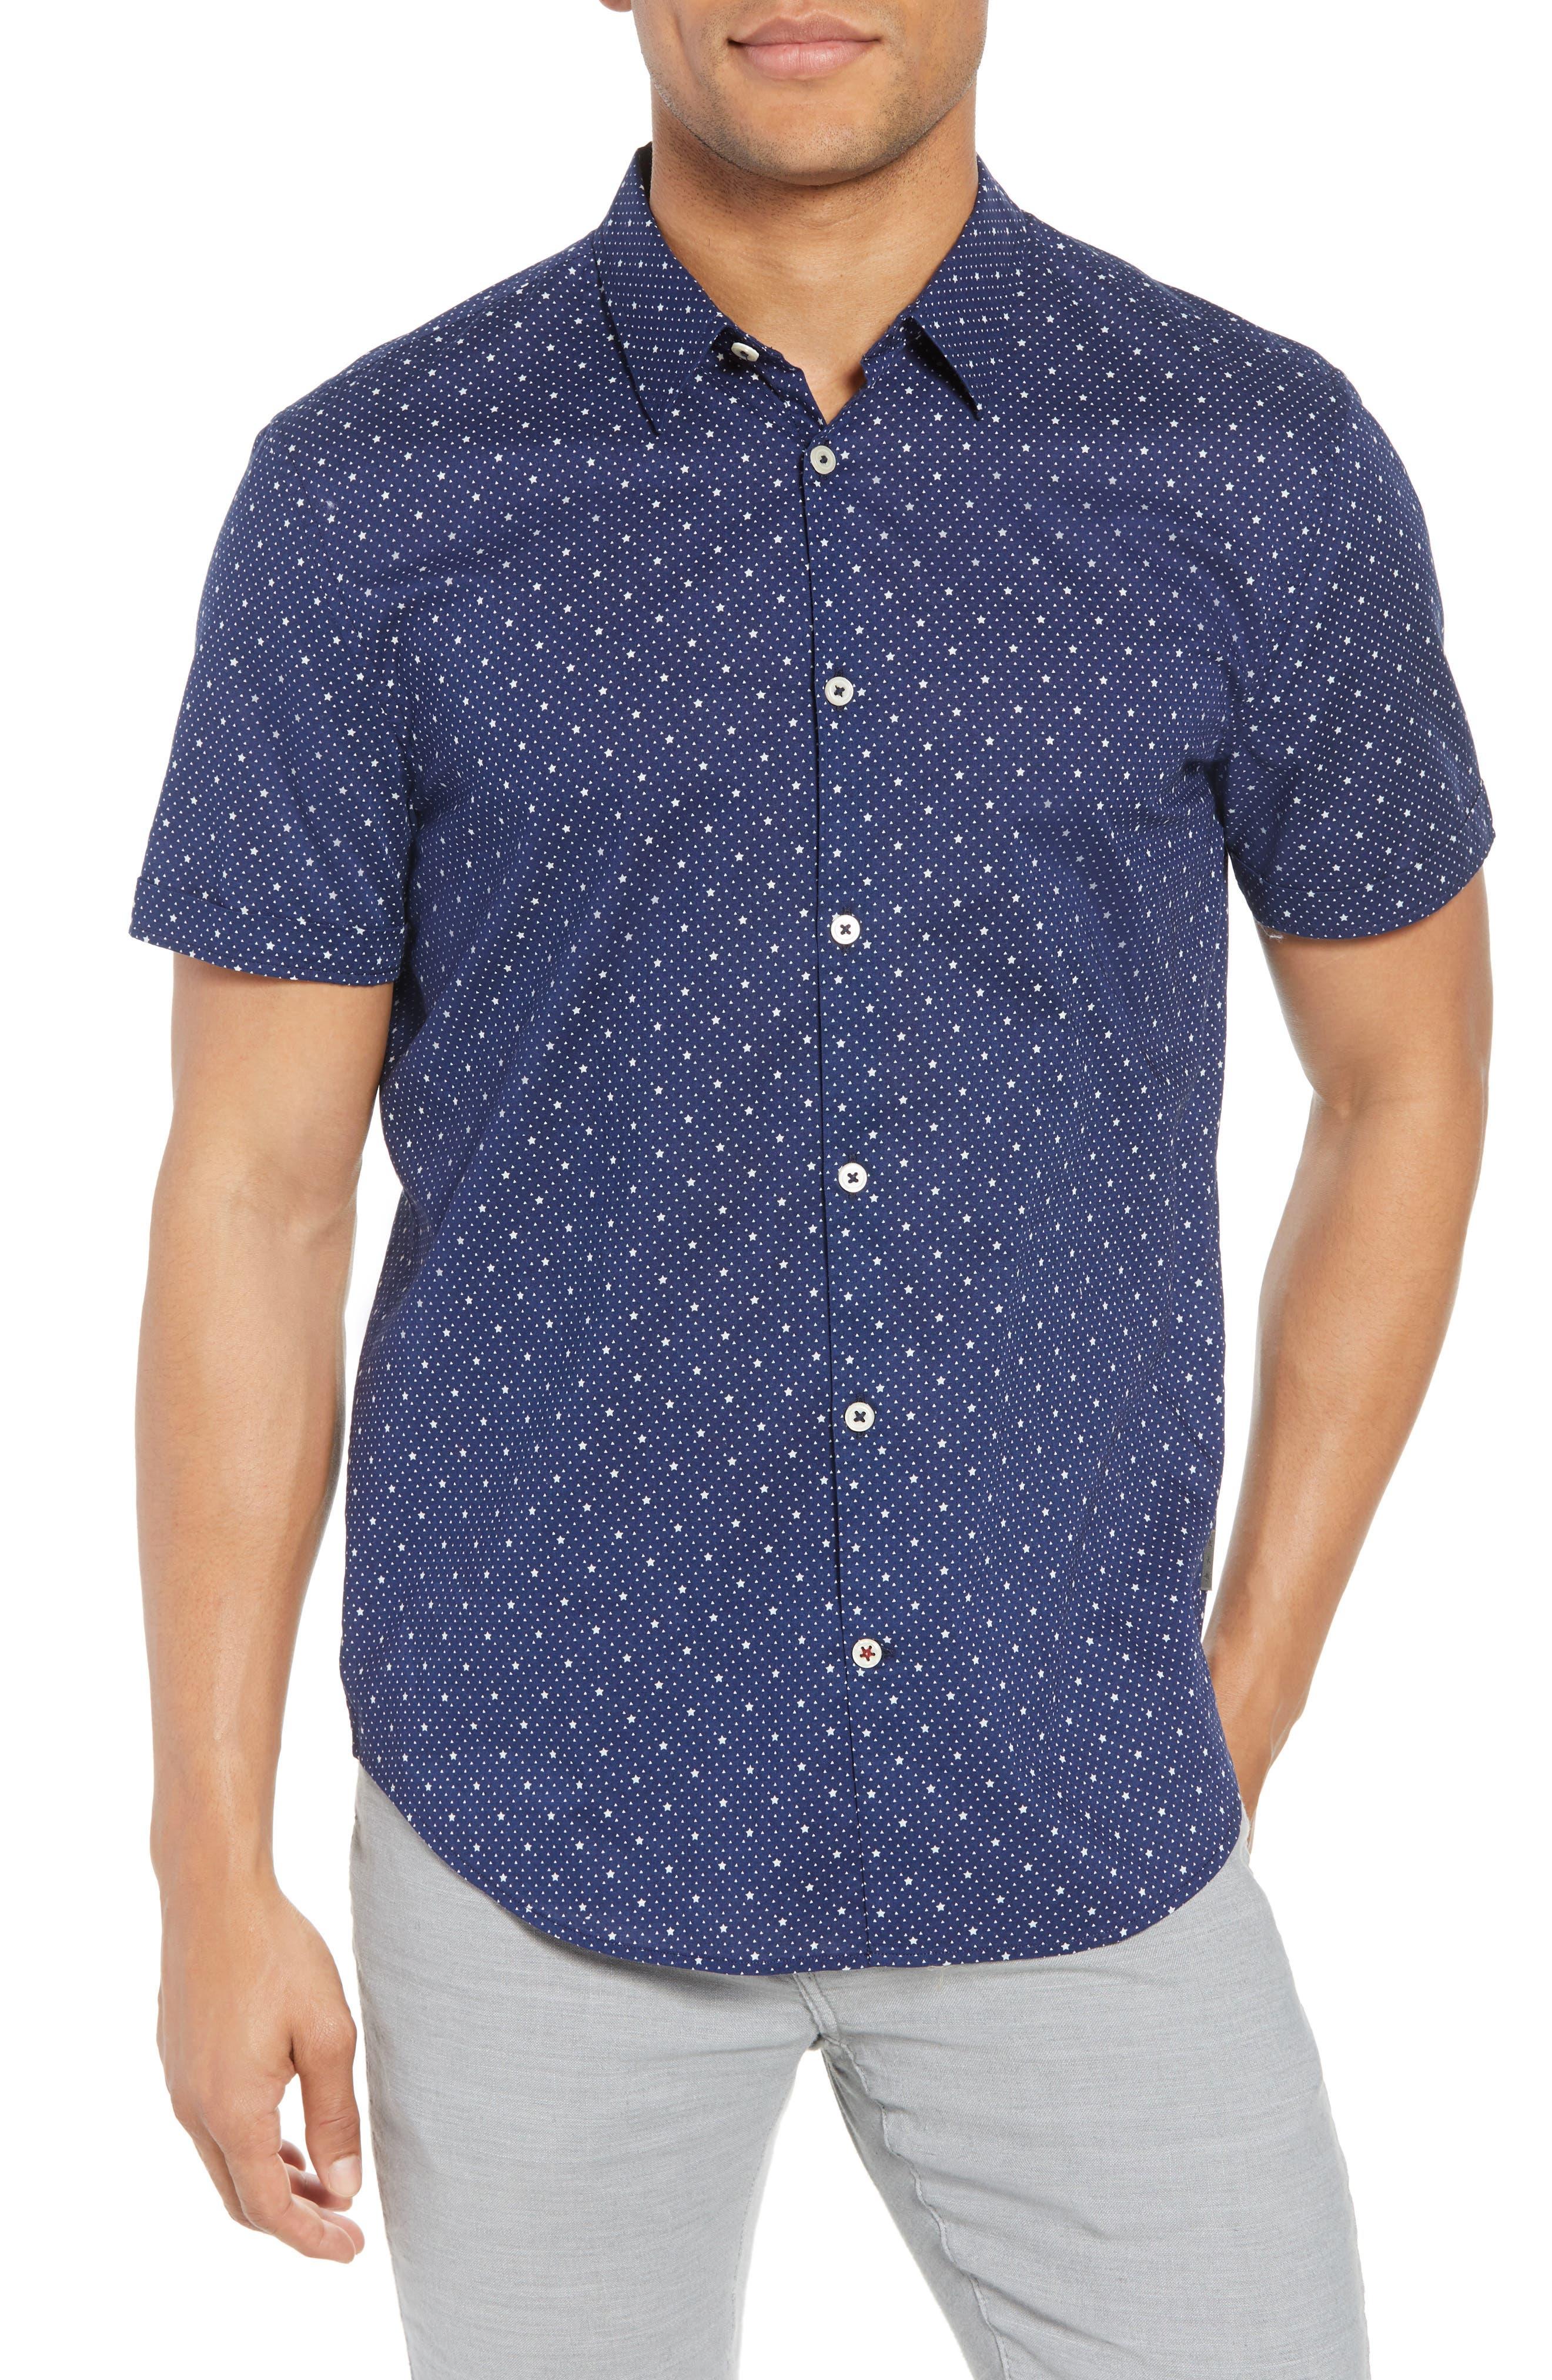 Star Print Woven Shirt,                             Main thumbnail 1, color,                             418